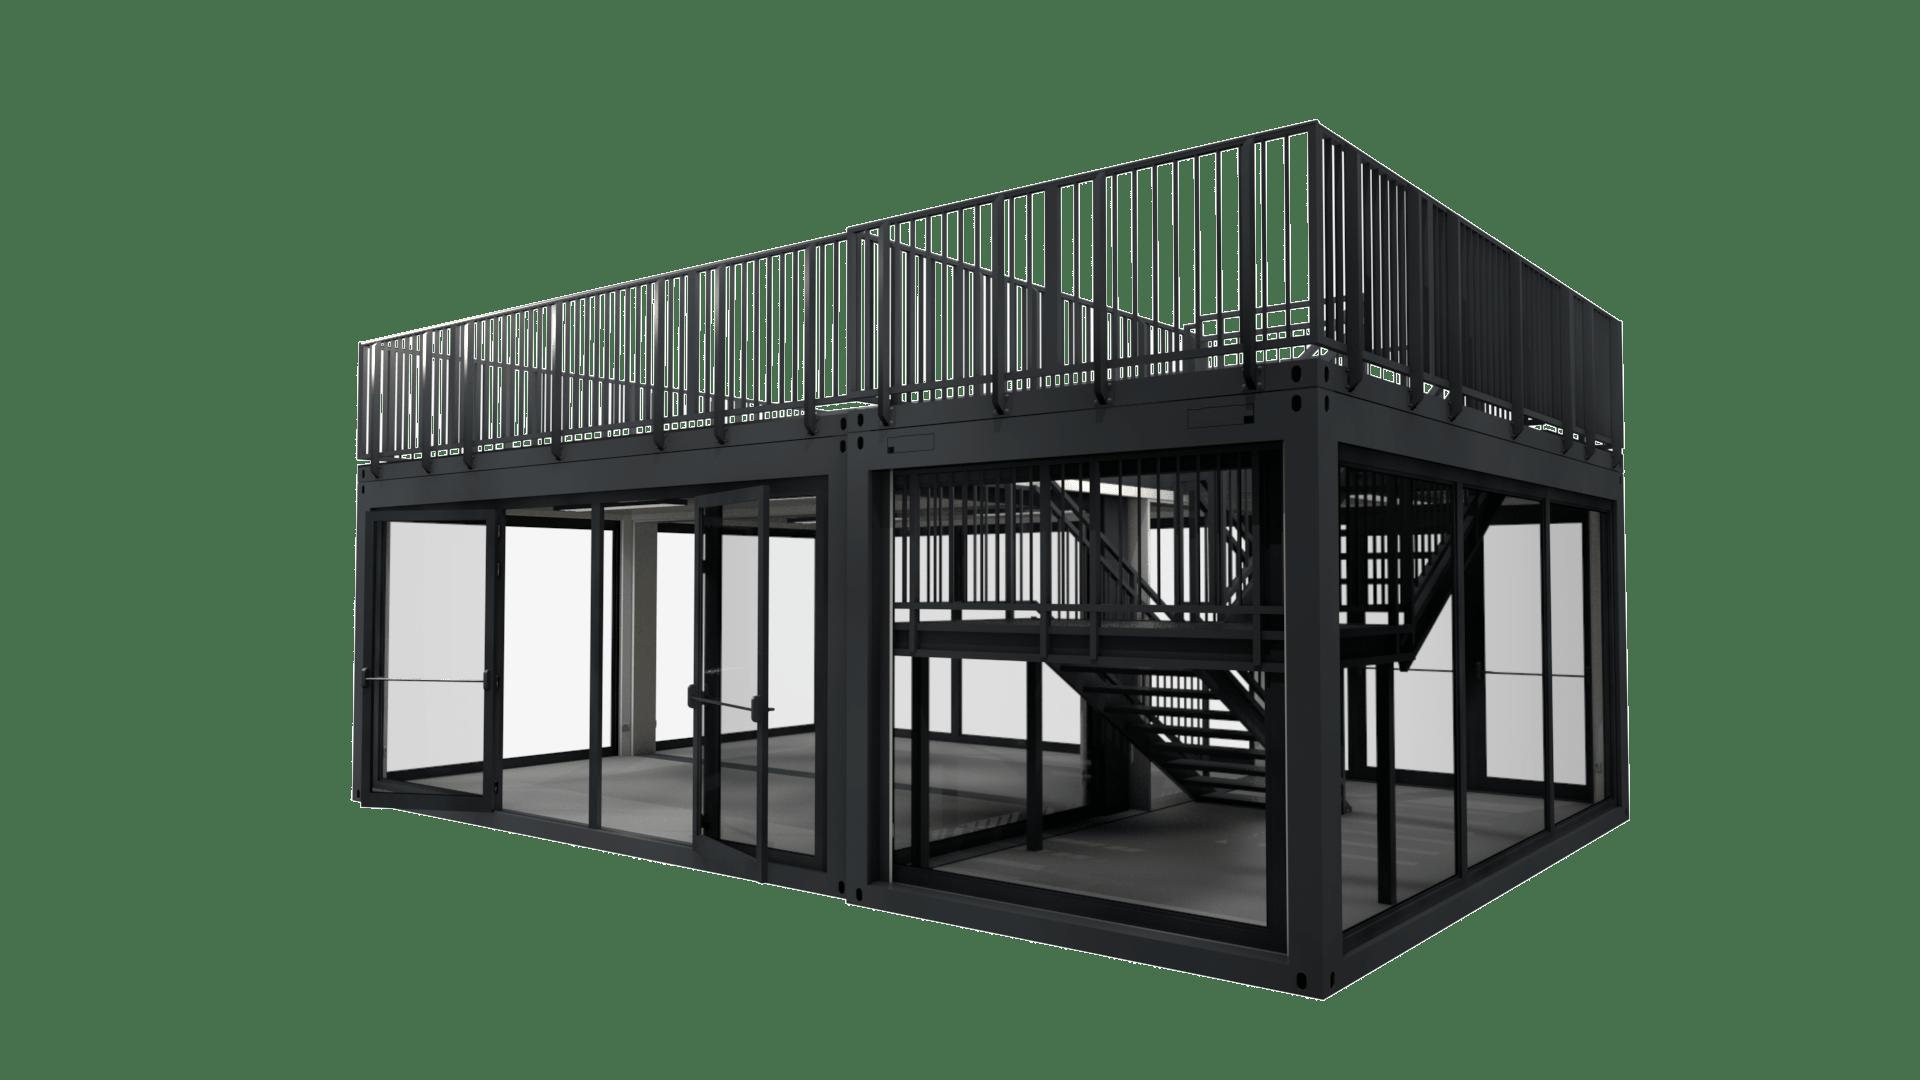 Container Modul M 24 hat eine Dachterrasse, ein Treppenhaus und zwei Doppelflügeltüren